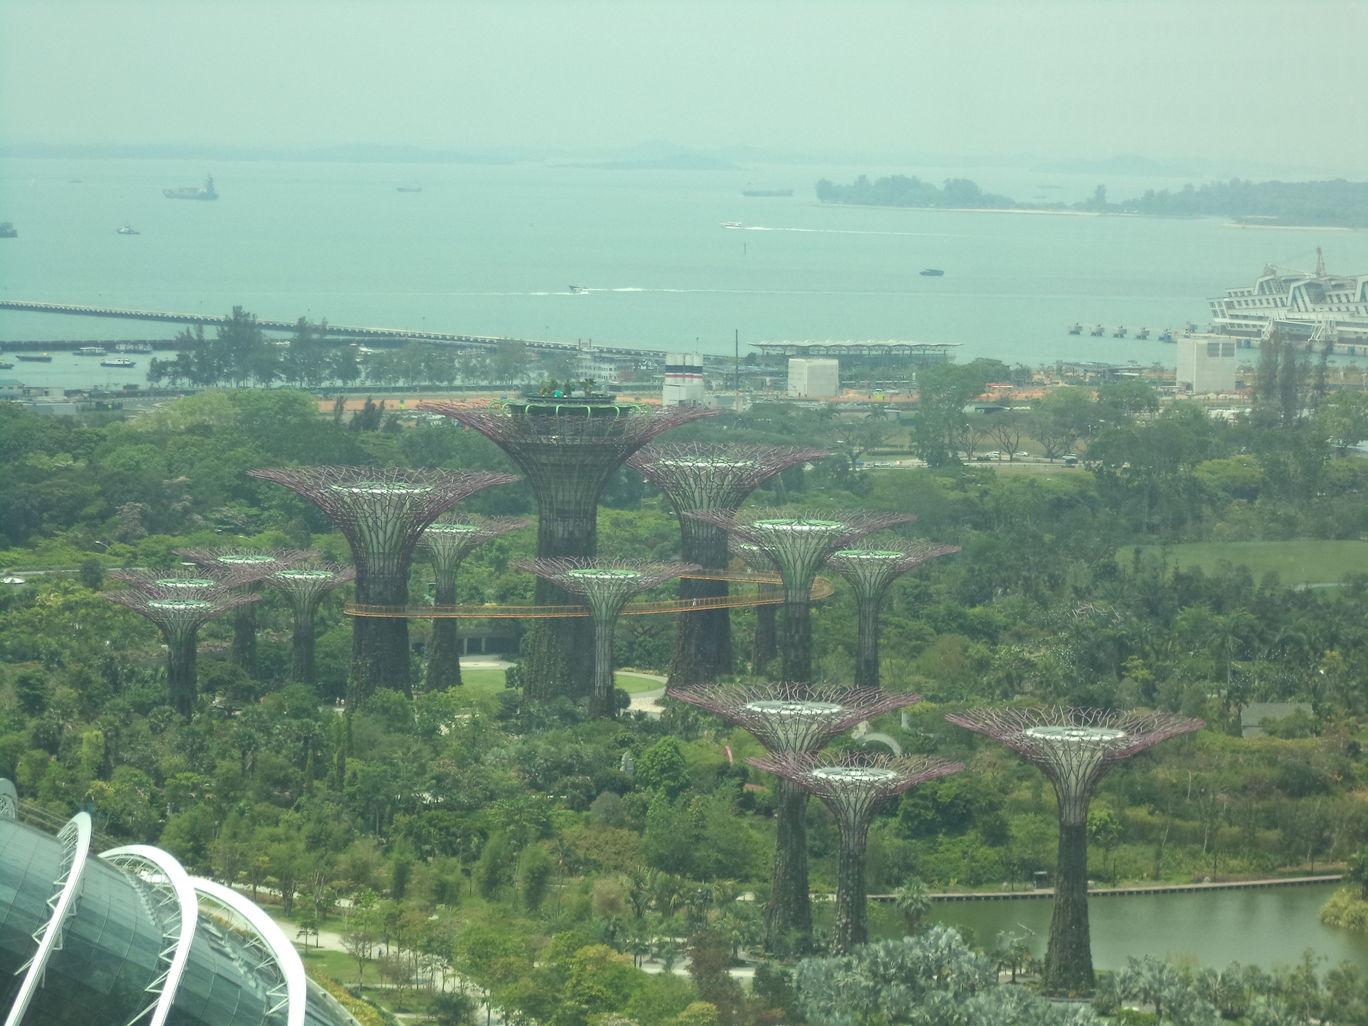 Photo of Singapore By Anusha bheemaiah